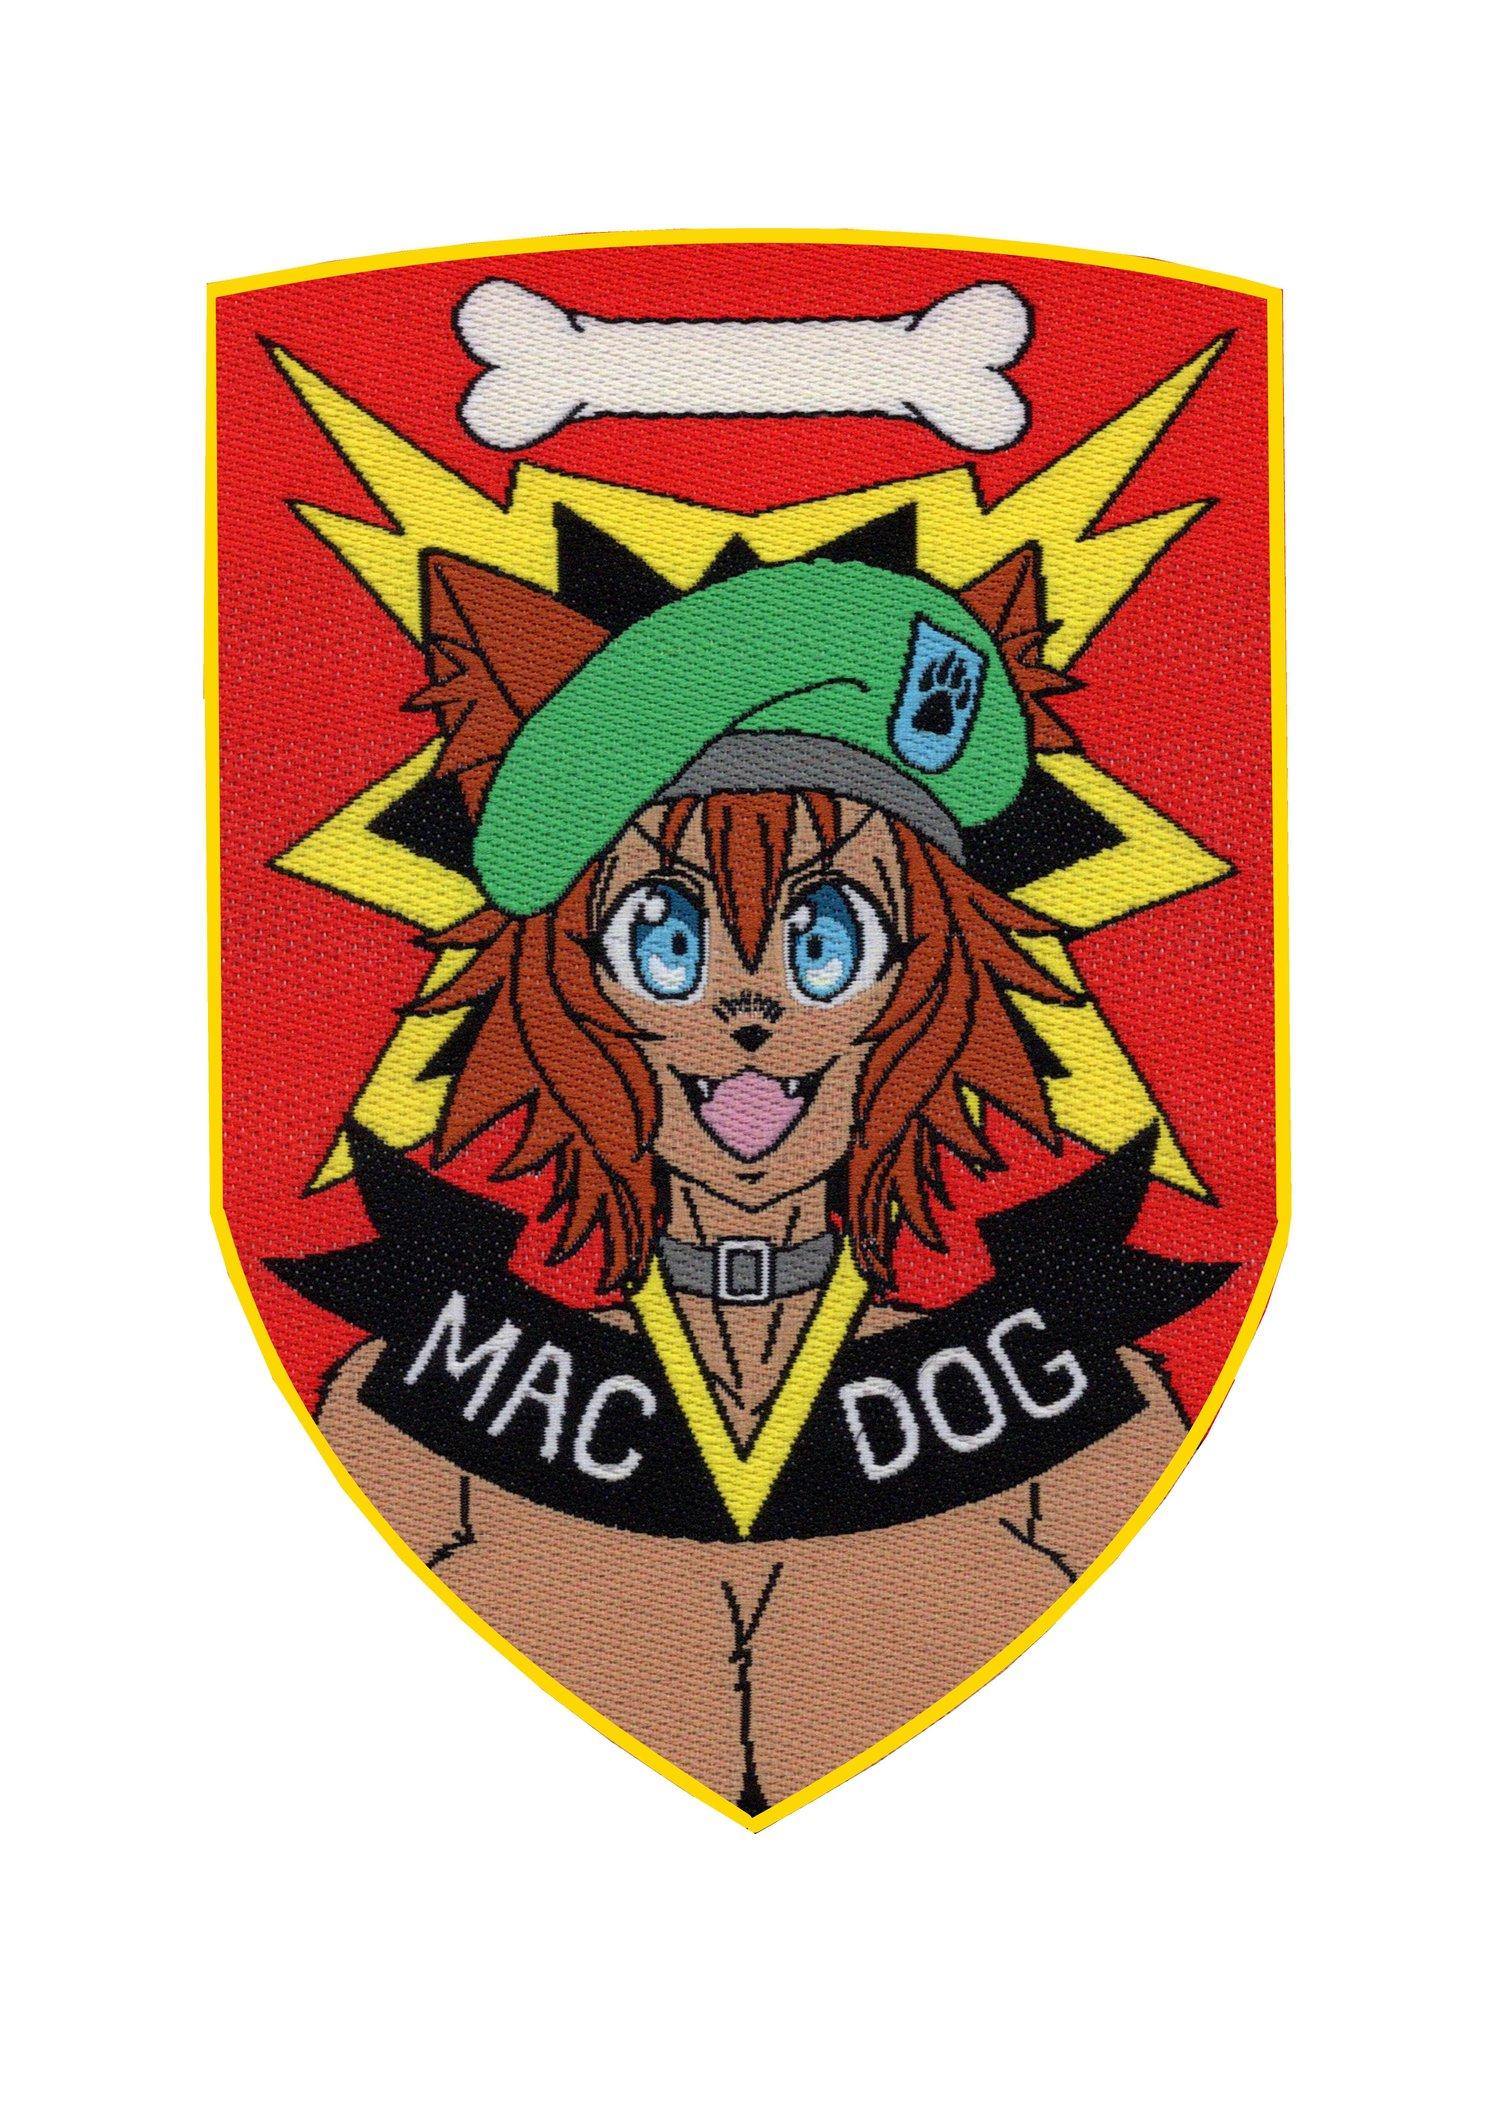 Image of MACV-DOG